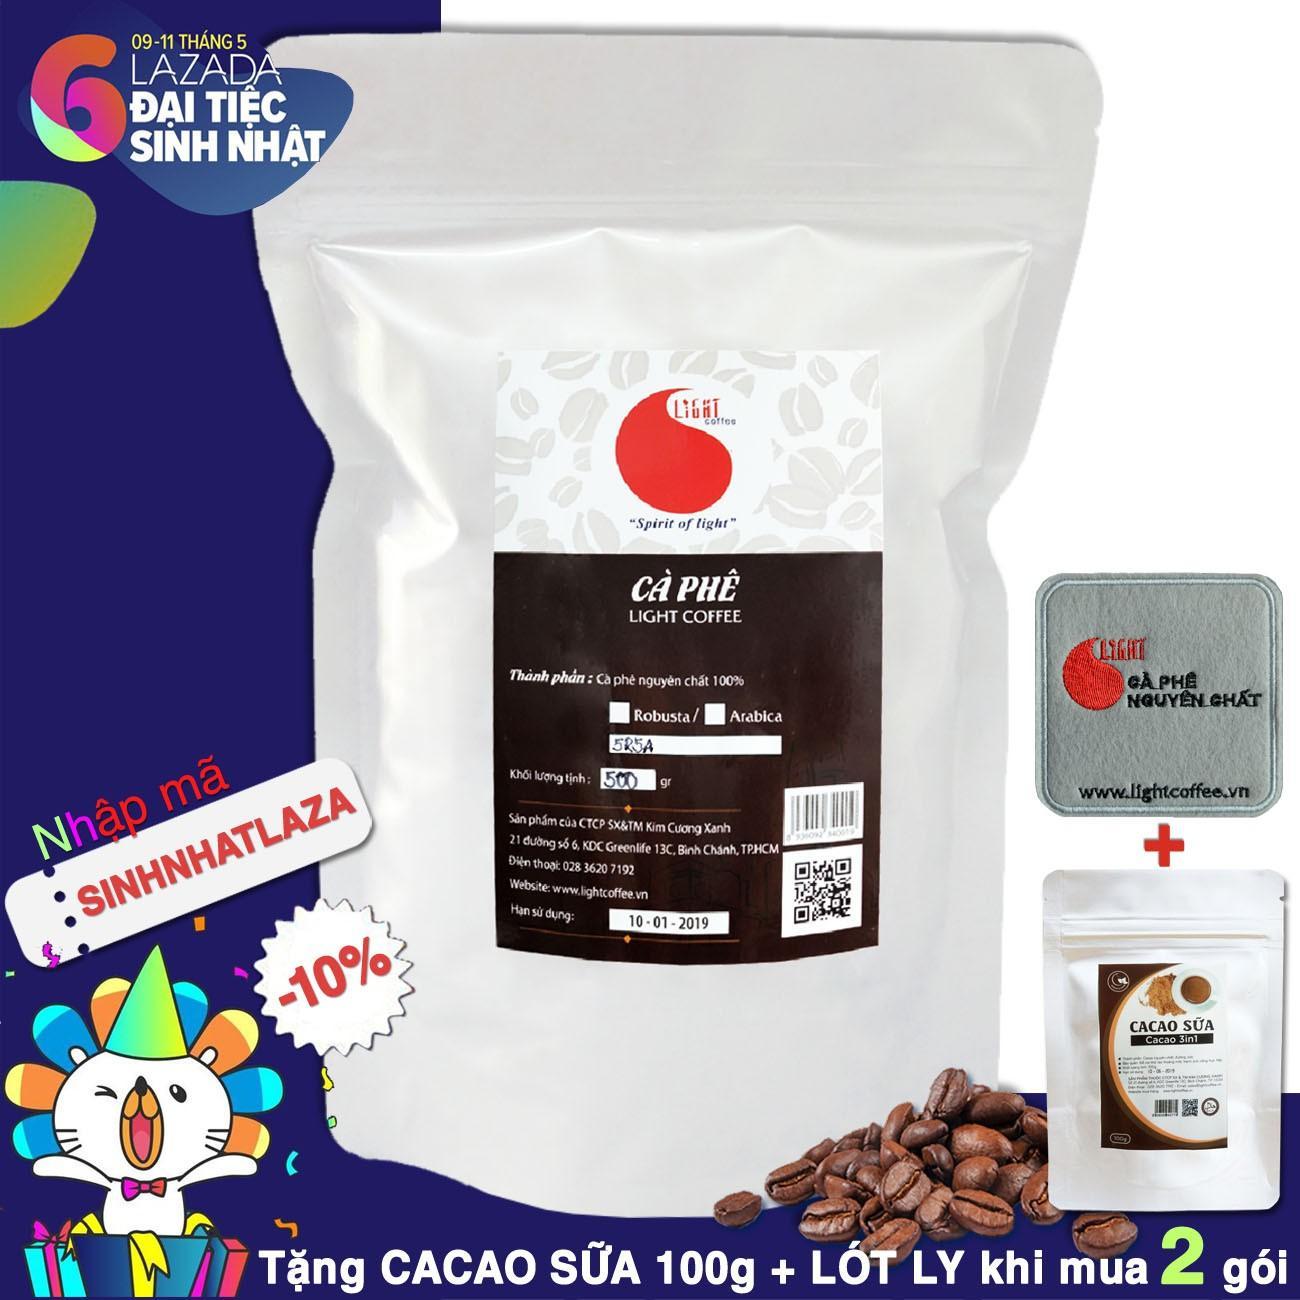 Bán Cafe Hạt Rang Nguyen Chất 100 Phối Chuẩn Light Coffee 500Gr Nguyên